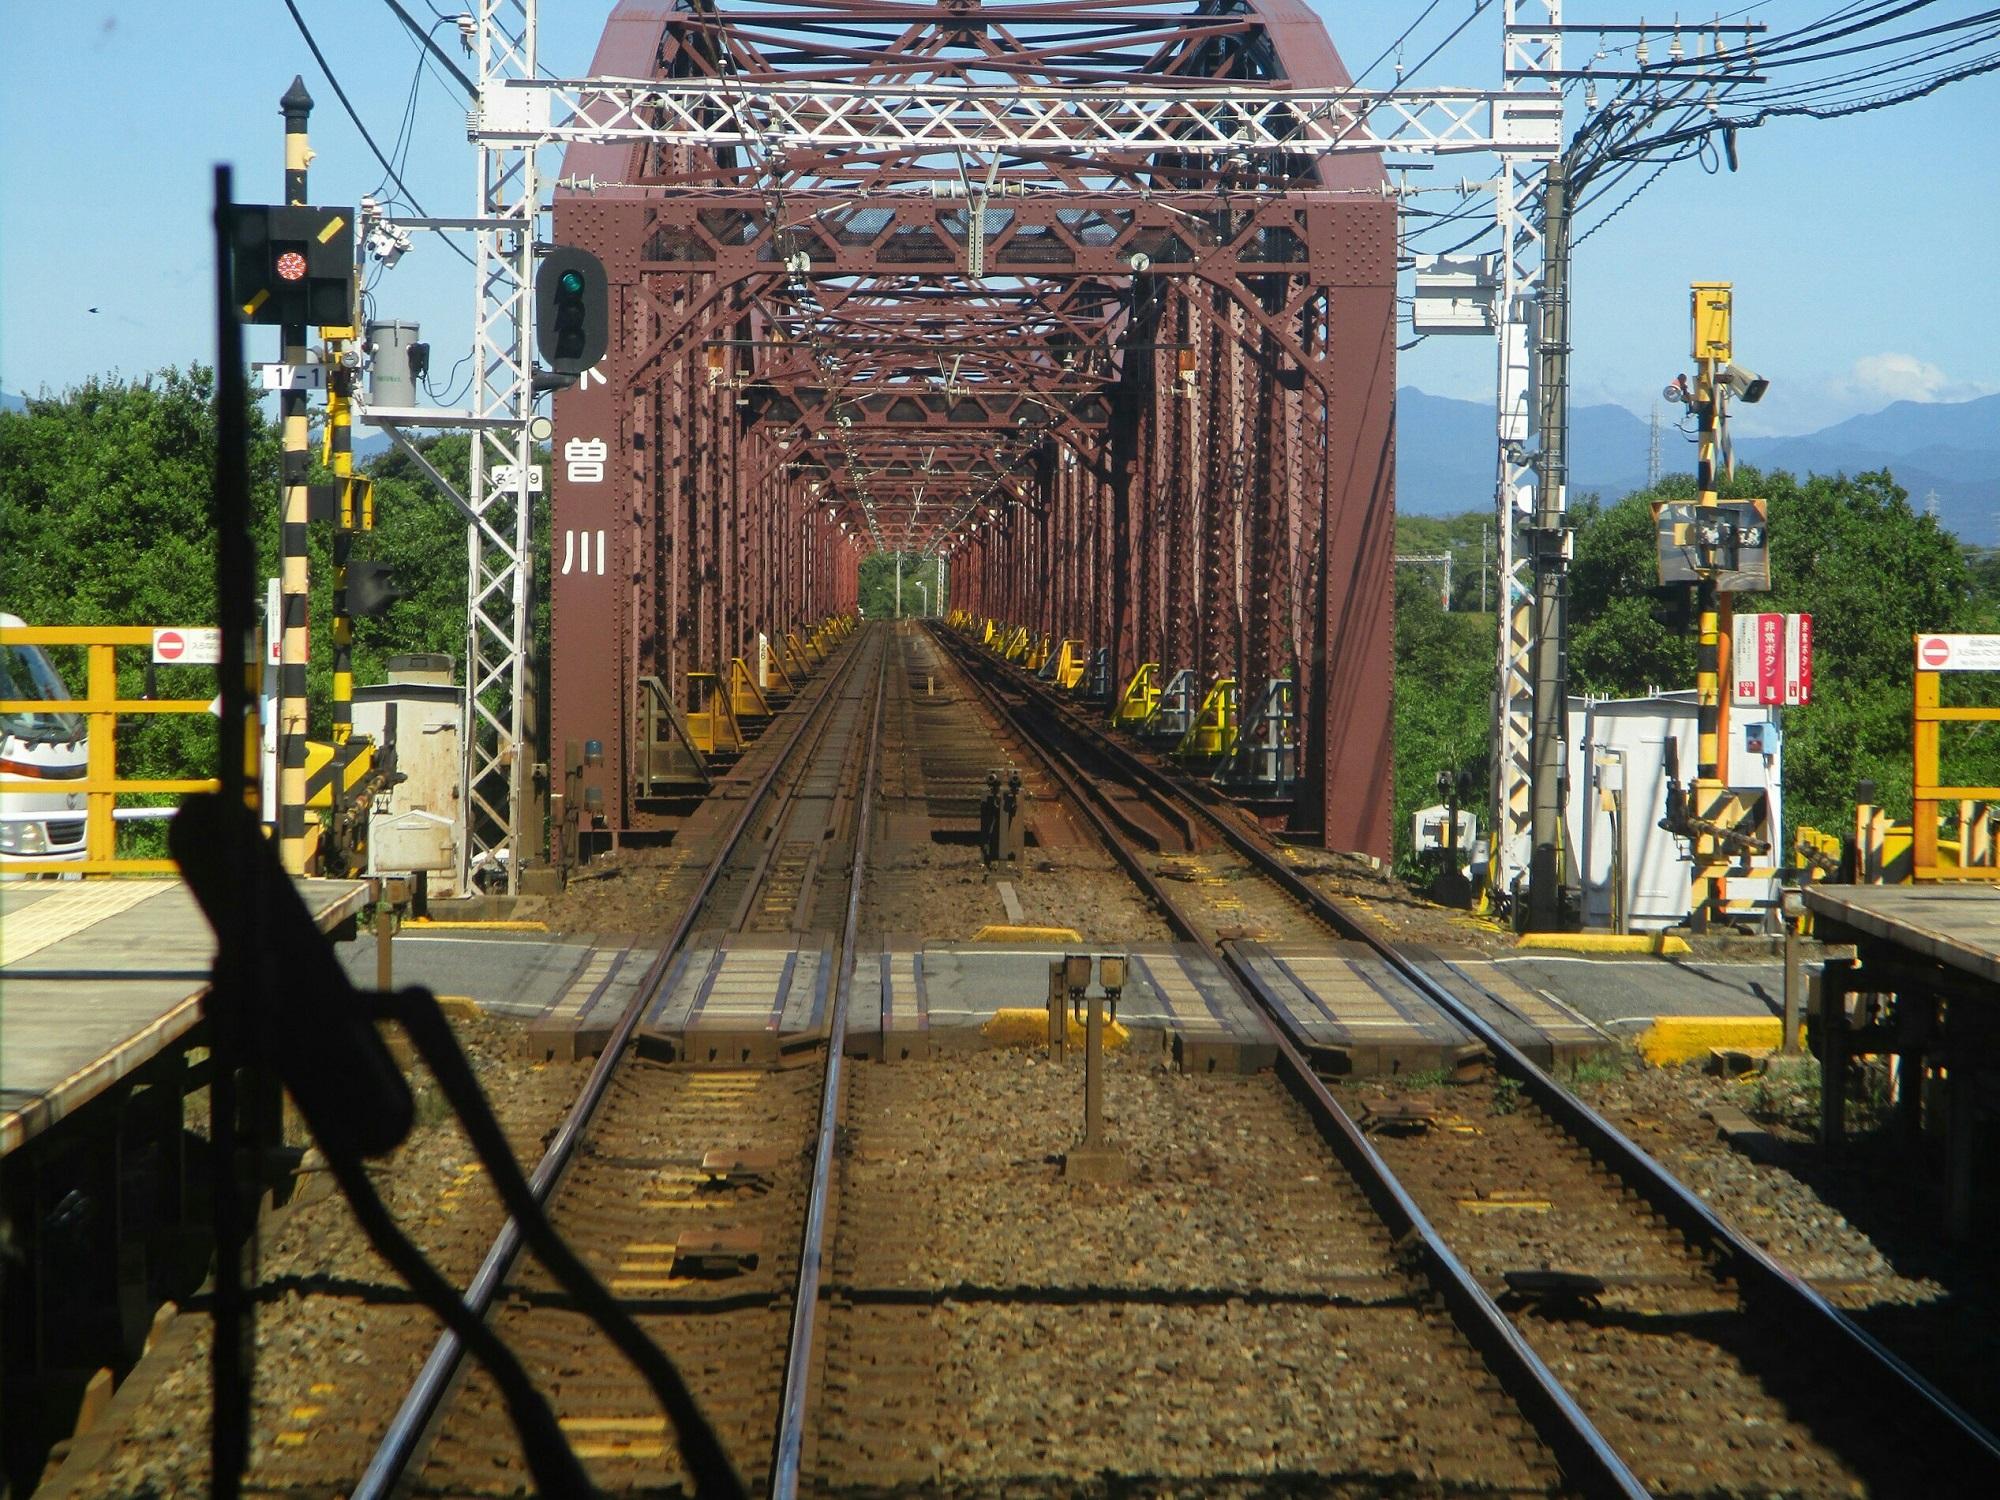 2018.8.17 (21) 岐阜いき特急 - 木曽川鉄橋 2000-1500